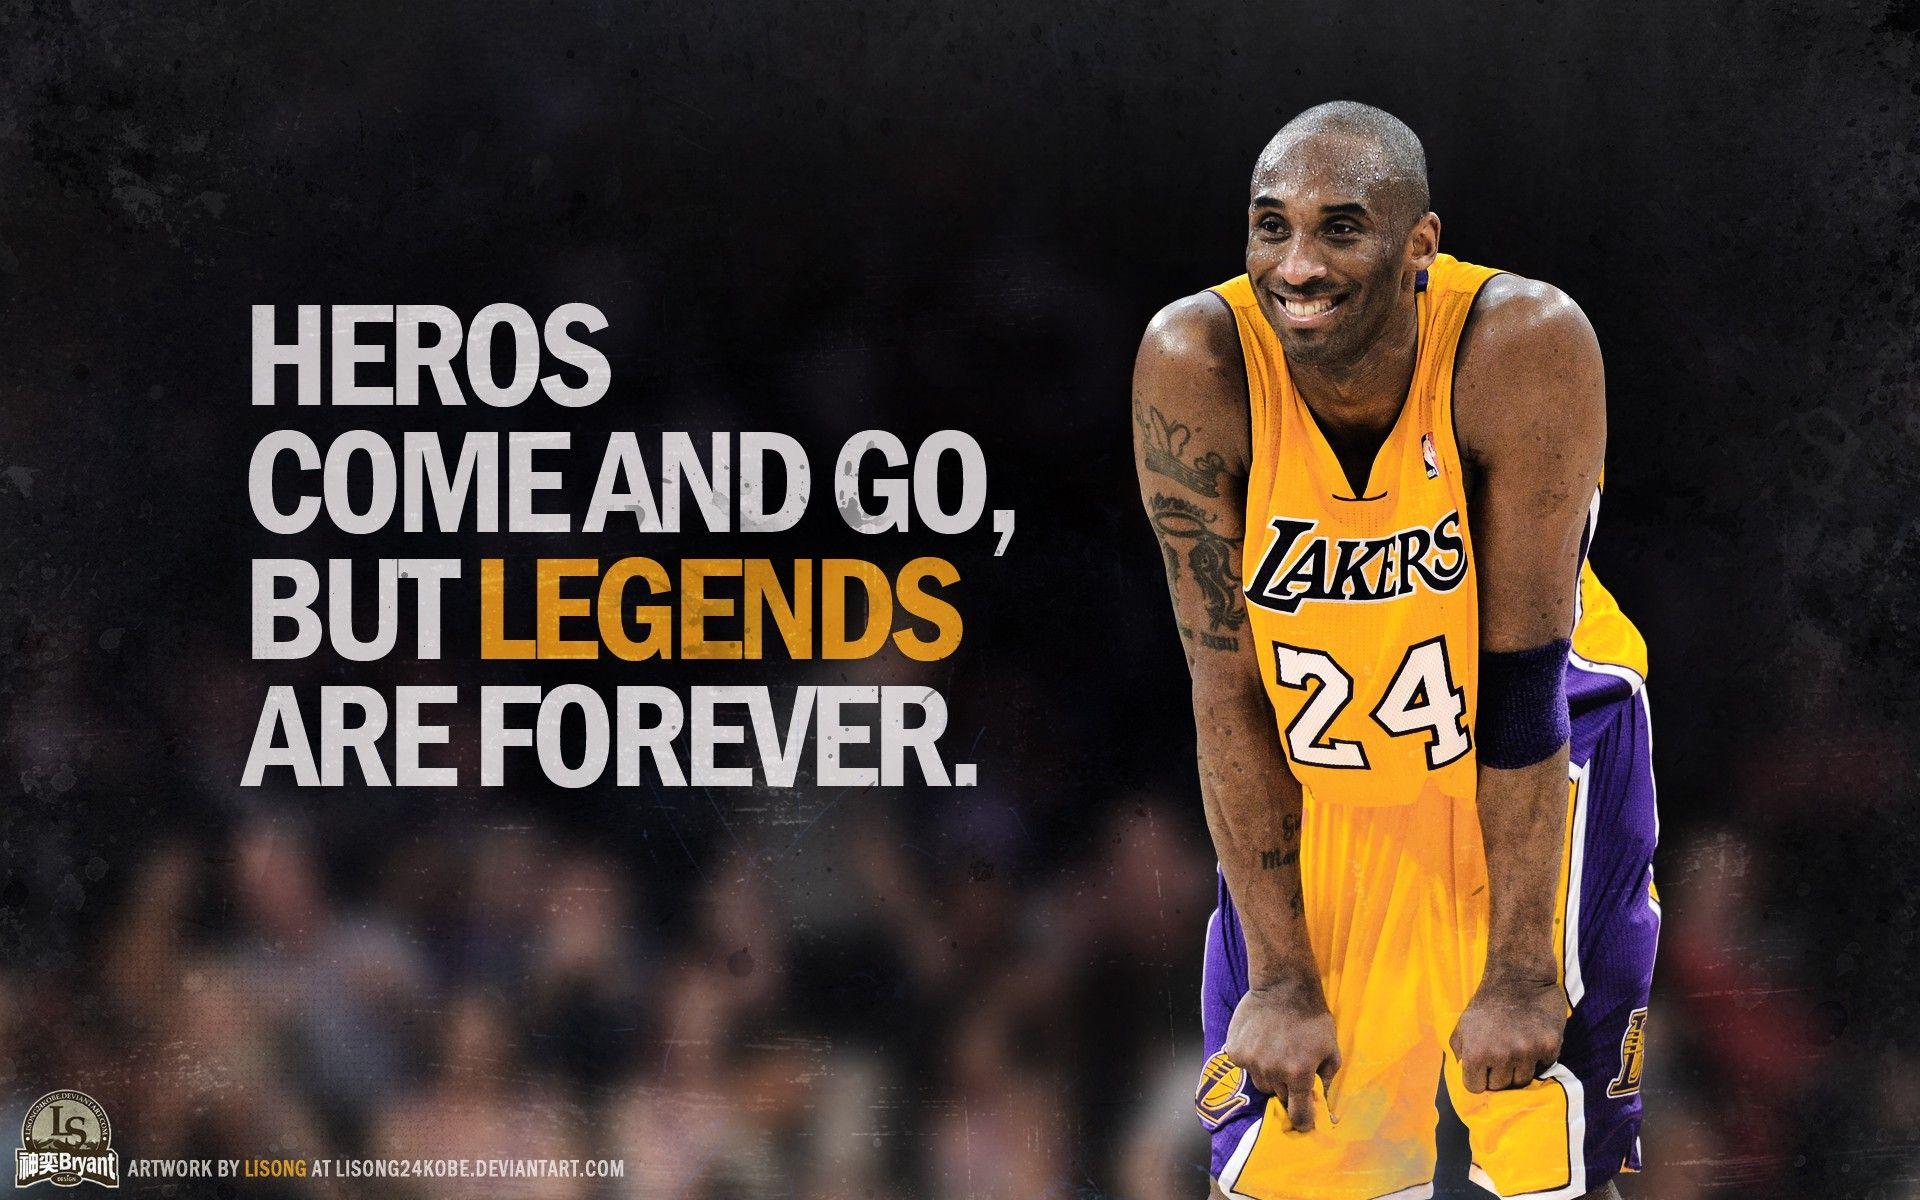 Los Angeles Lakers Wallpapers 8jpg 19201200 pixels Kobe 1920x1200